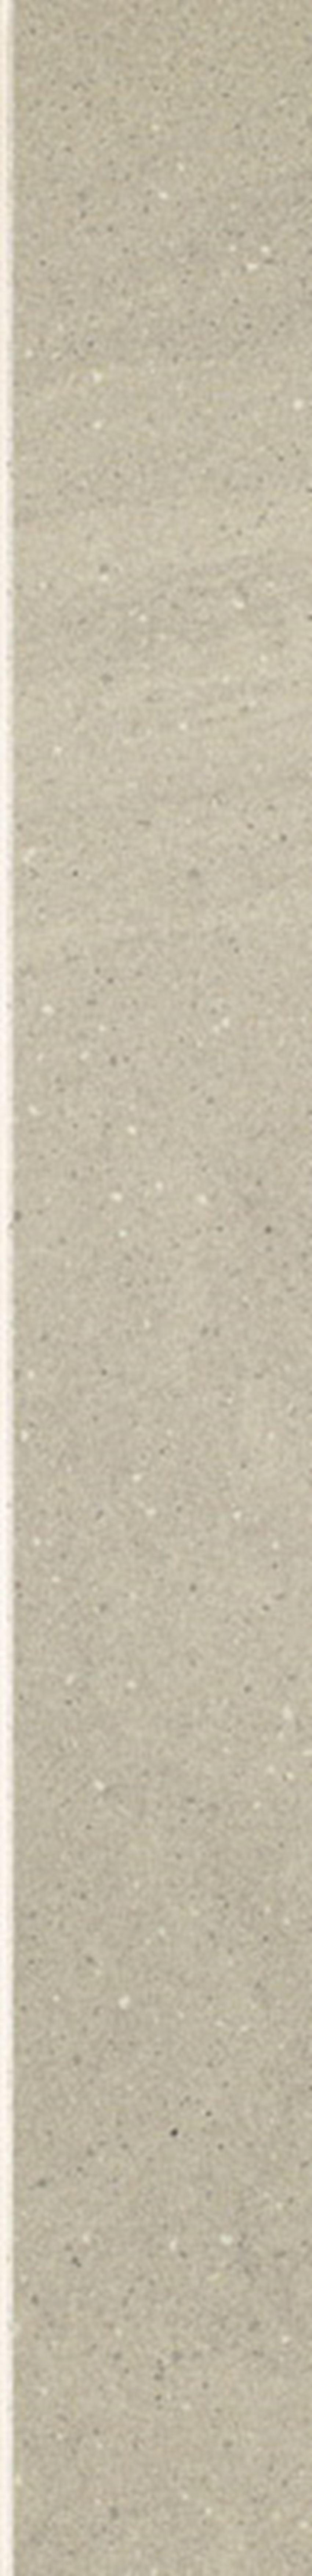 Płytka cokołowa 7,2x59,8 cm Paradyż Rockstone Grys Cokół Poler